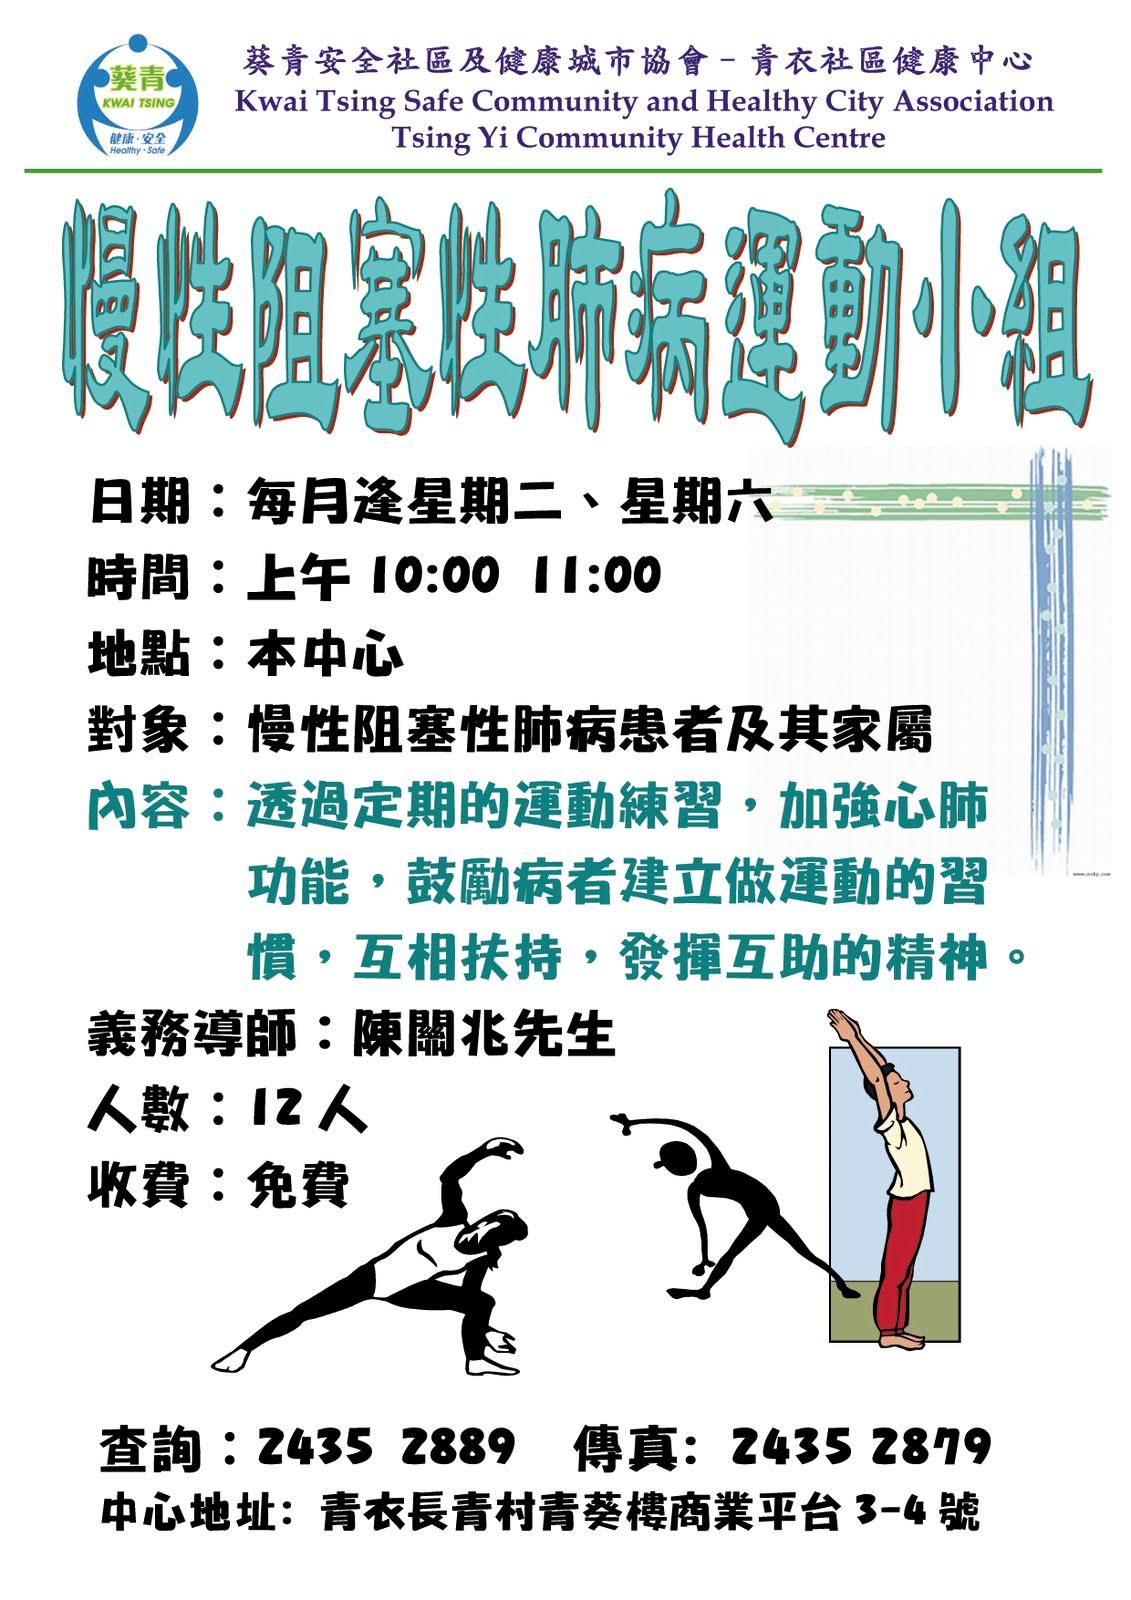 葵青安全社區及健康城市協會 青衣社區健康中心: October 2010